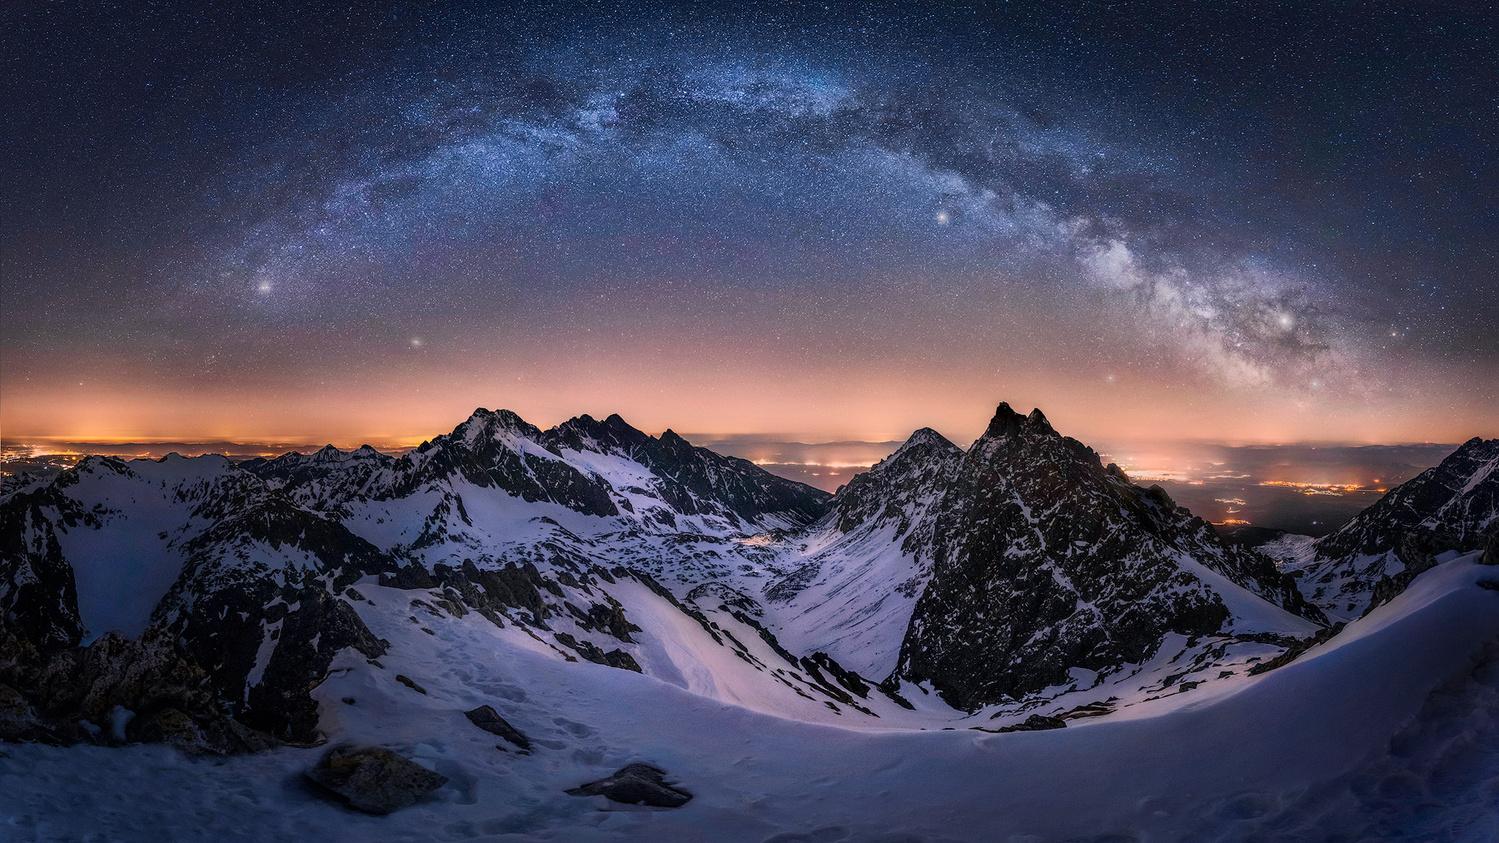 Peaks at night by Štefan Condík